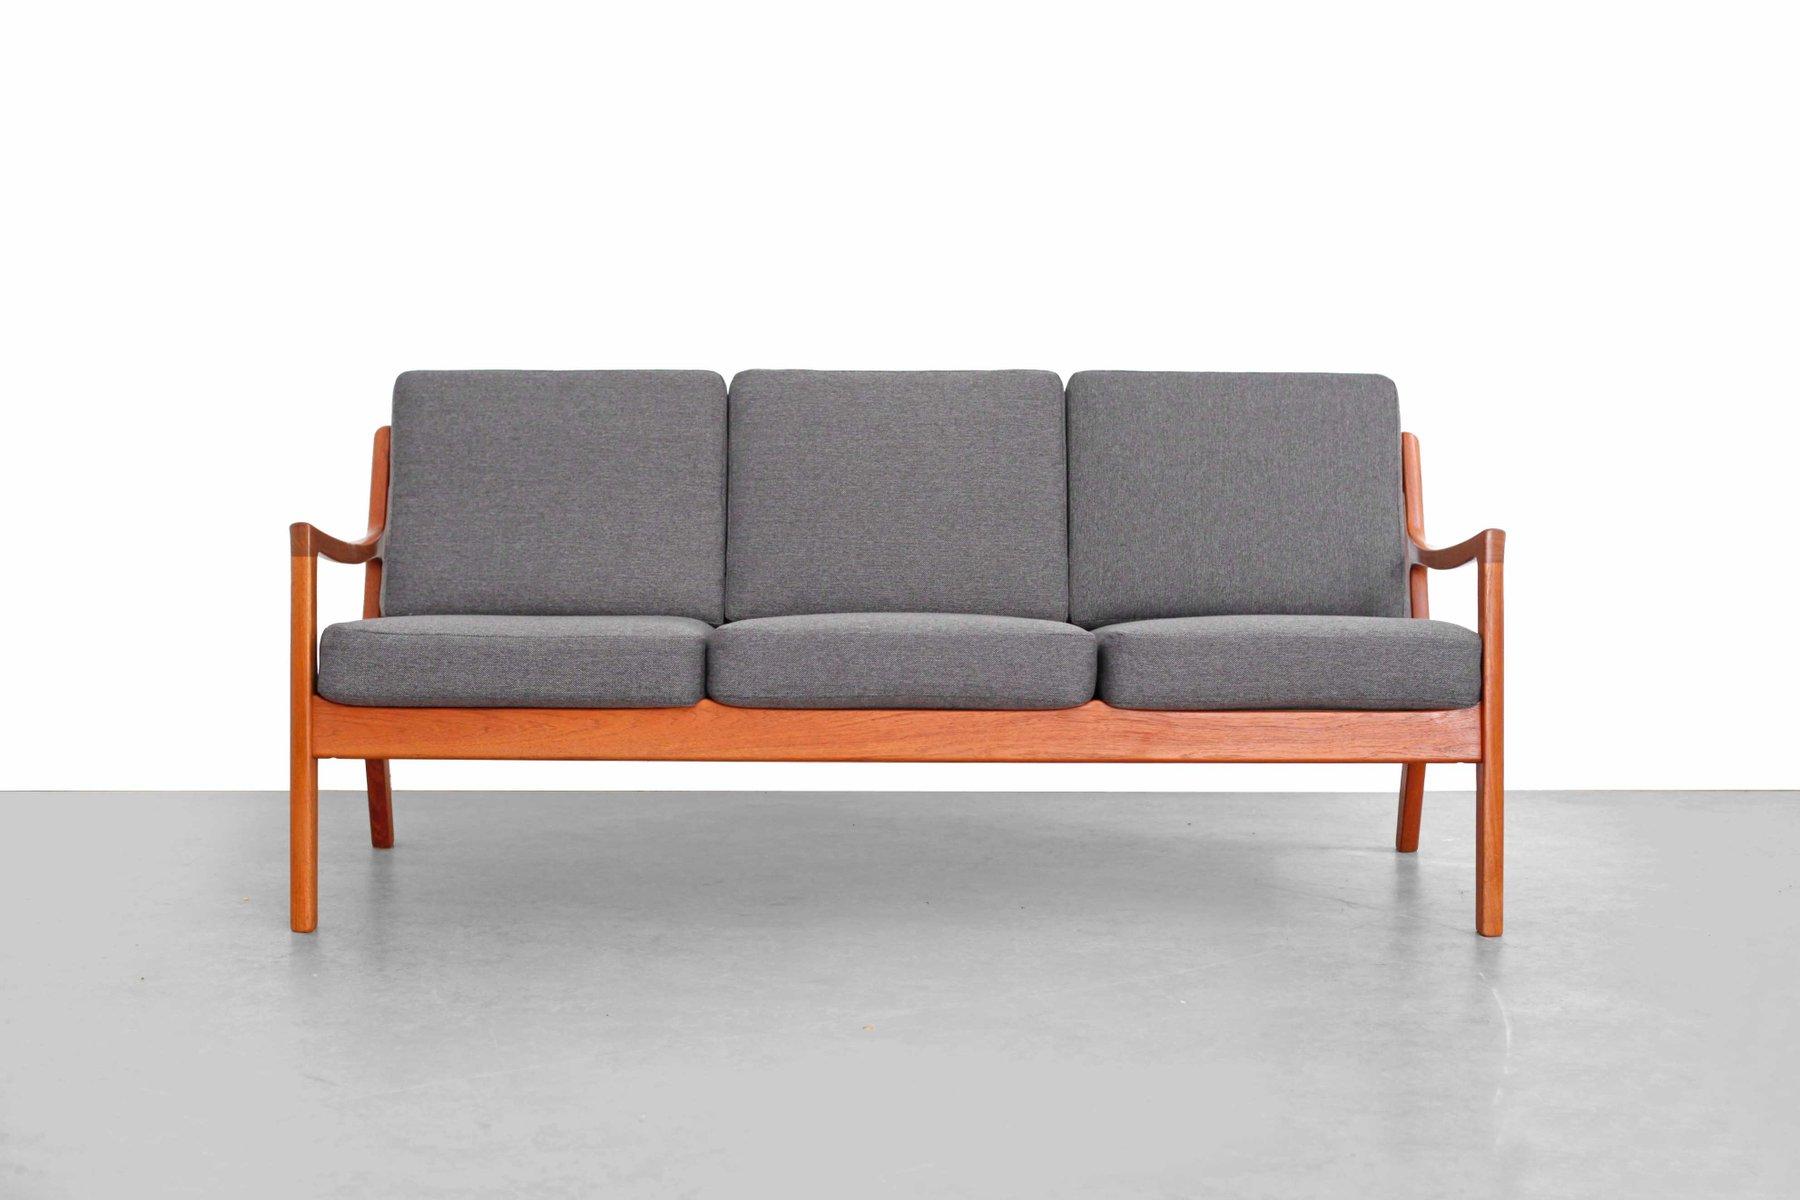 teak senator sofa by ole wanscher for france s n for sale at pamono. Black Bedroom Furniture Sets. Home Design Ideas